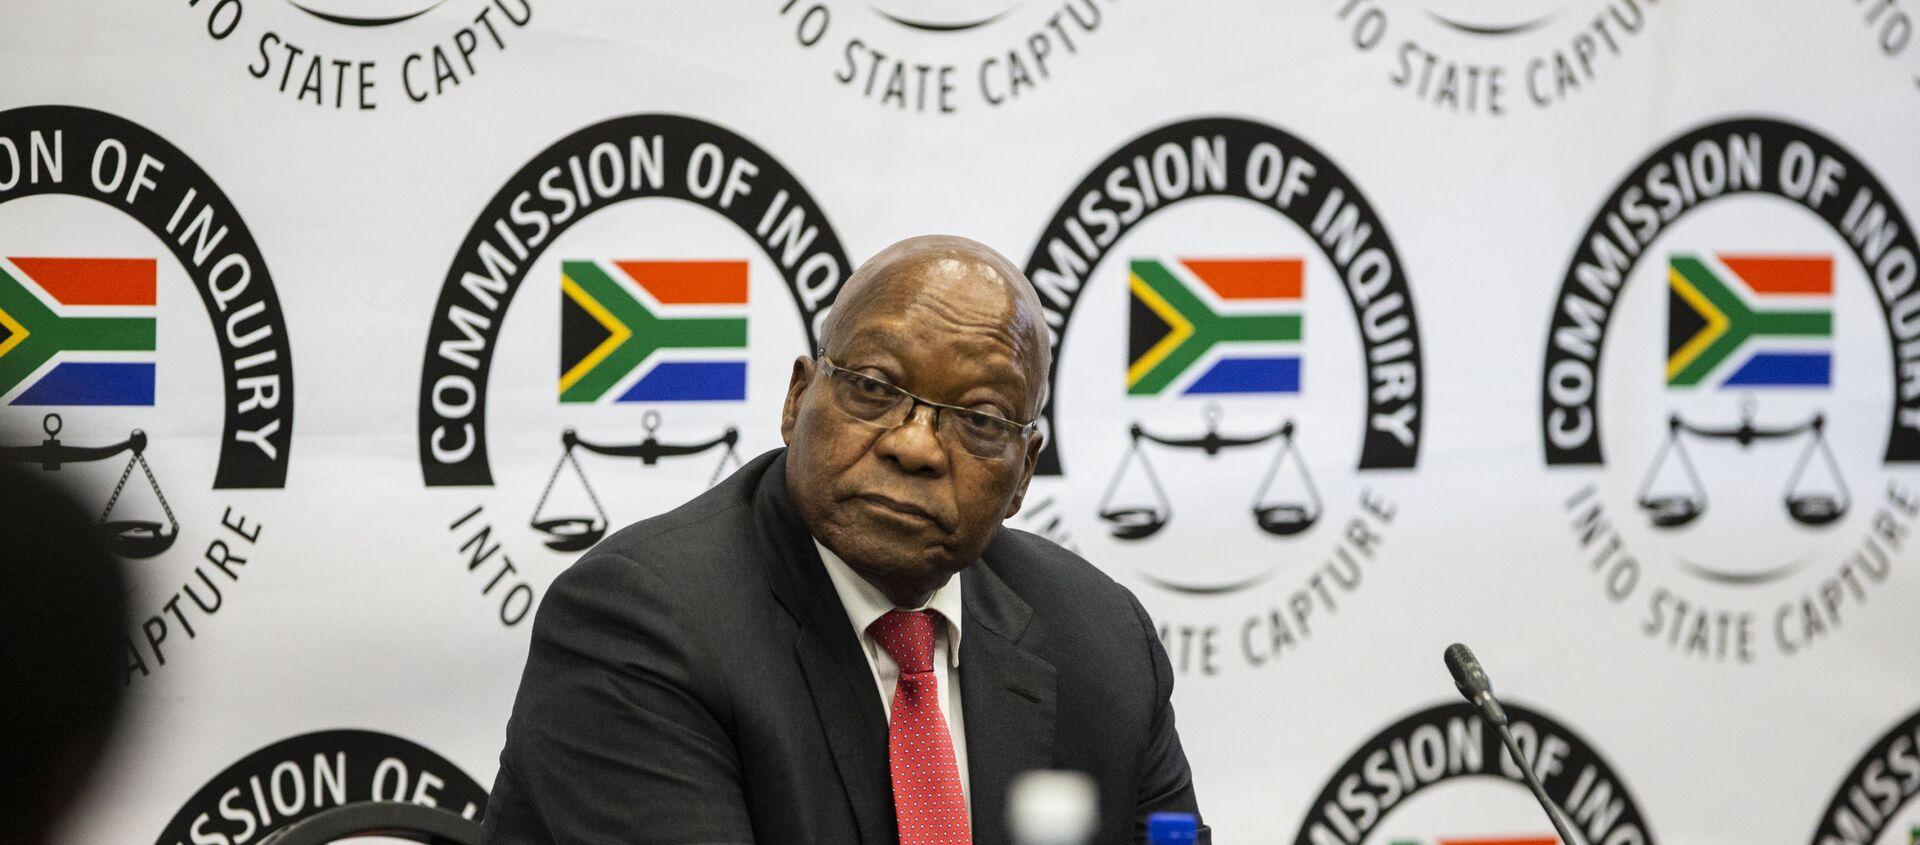 Güney Afrika'nın eski Devlet Başkanı Jacob Zuma, yolsuzluk suçlamaları hakkında soruşturma komisyonunda ifade verdi. - Sputnik Türkiye, 1920, 15.07.2019